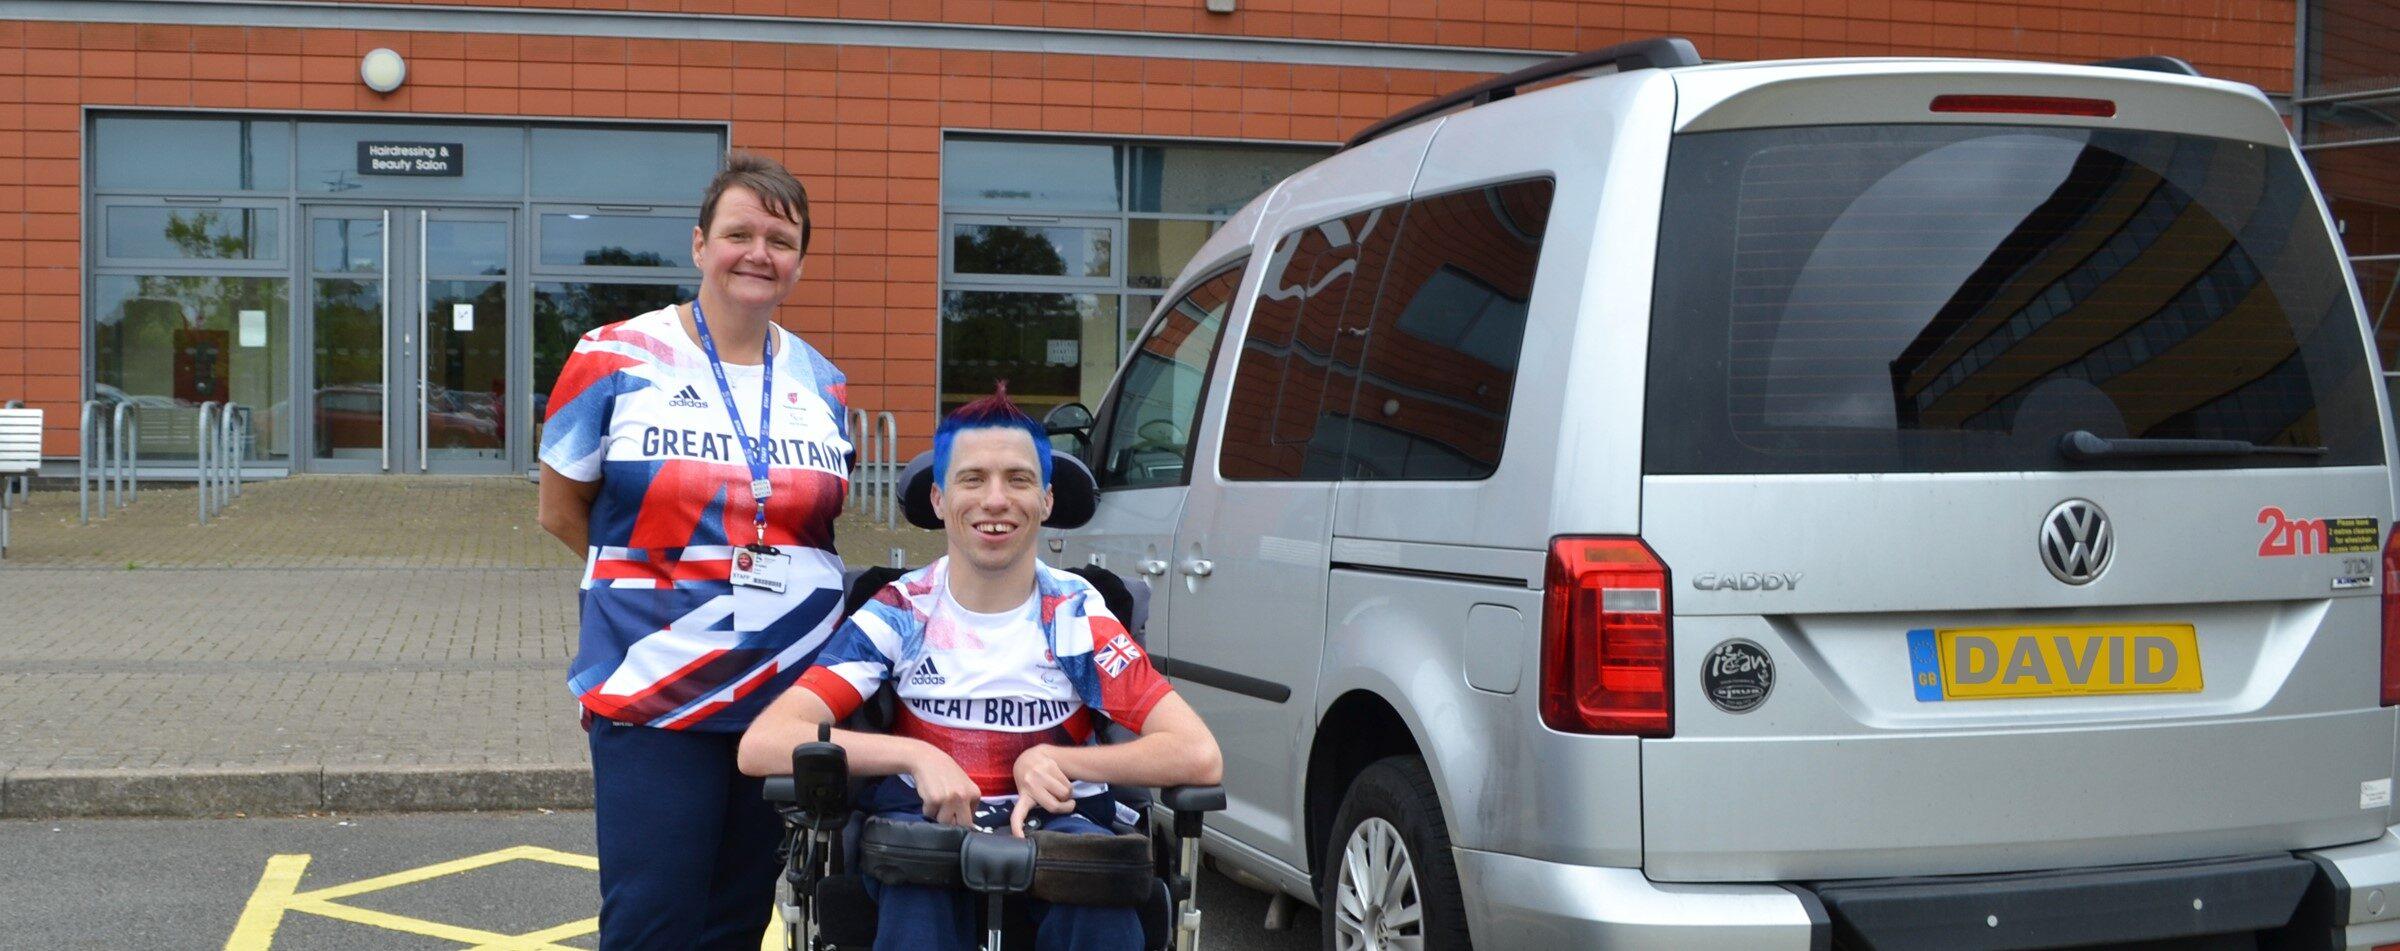 Tresham trail to Paralympics